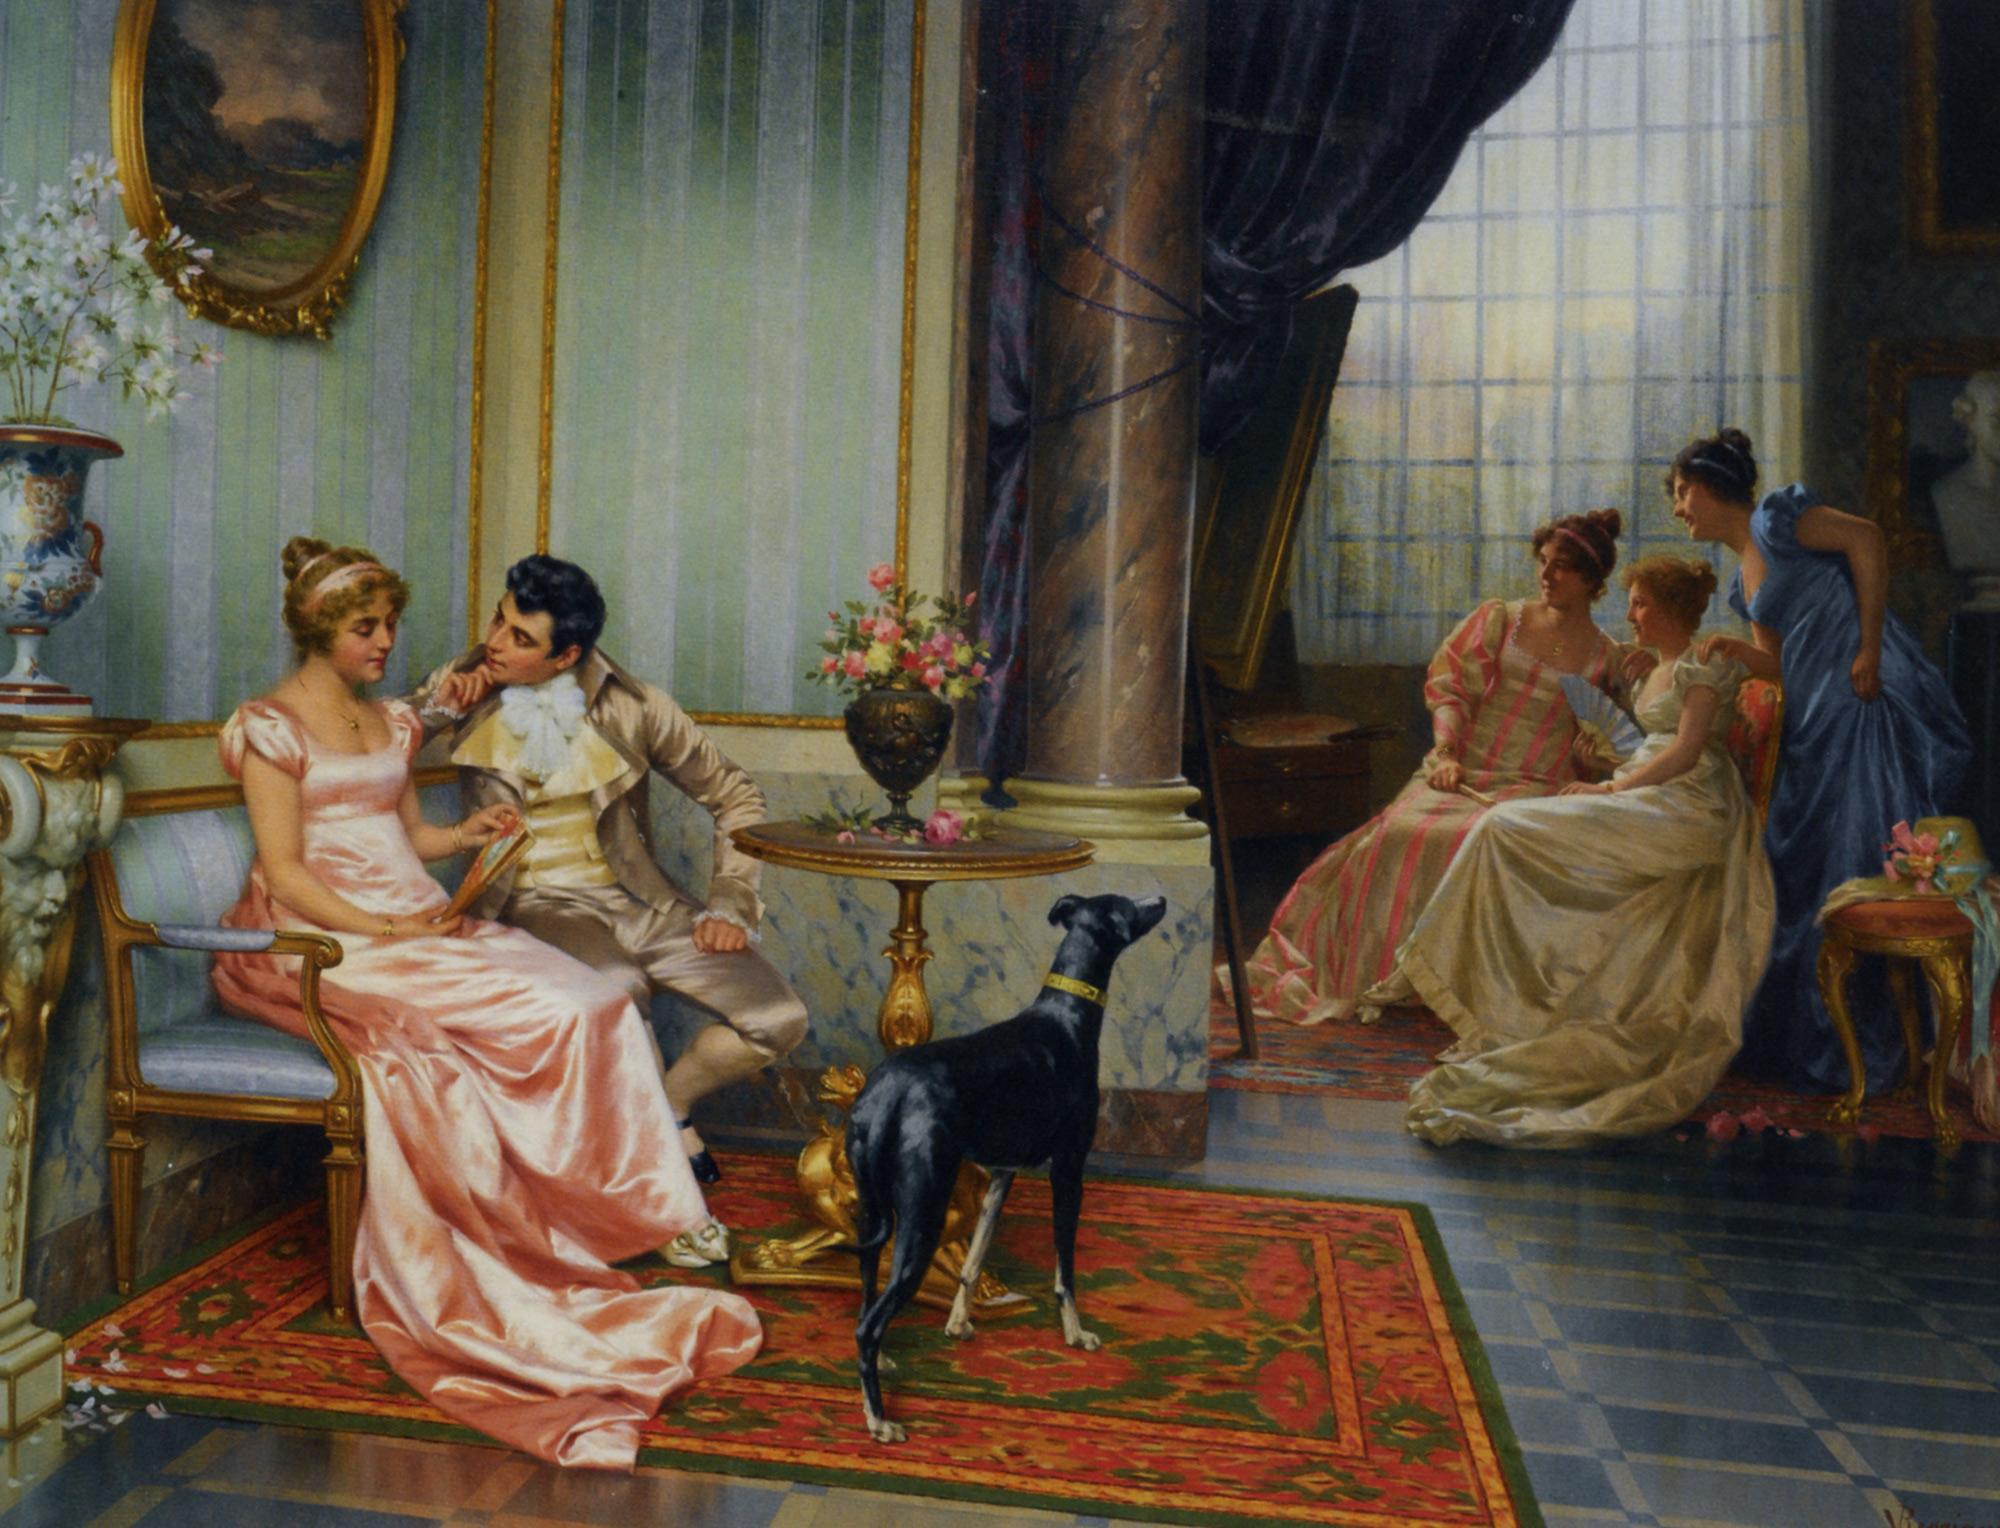 reggianini_vittorio_interior_with_elegant_figures